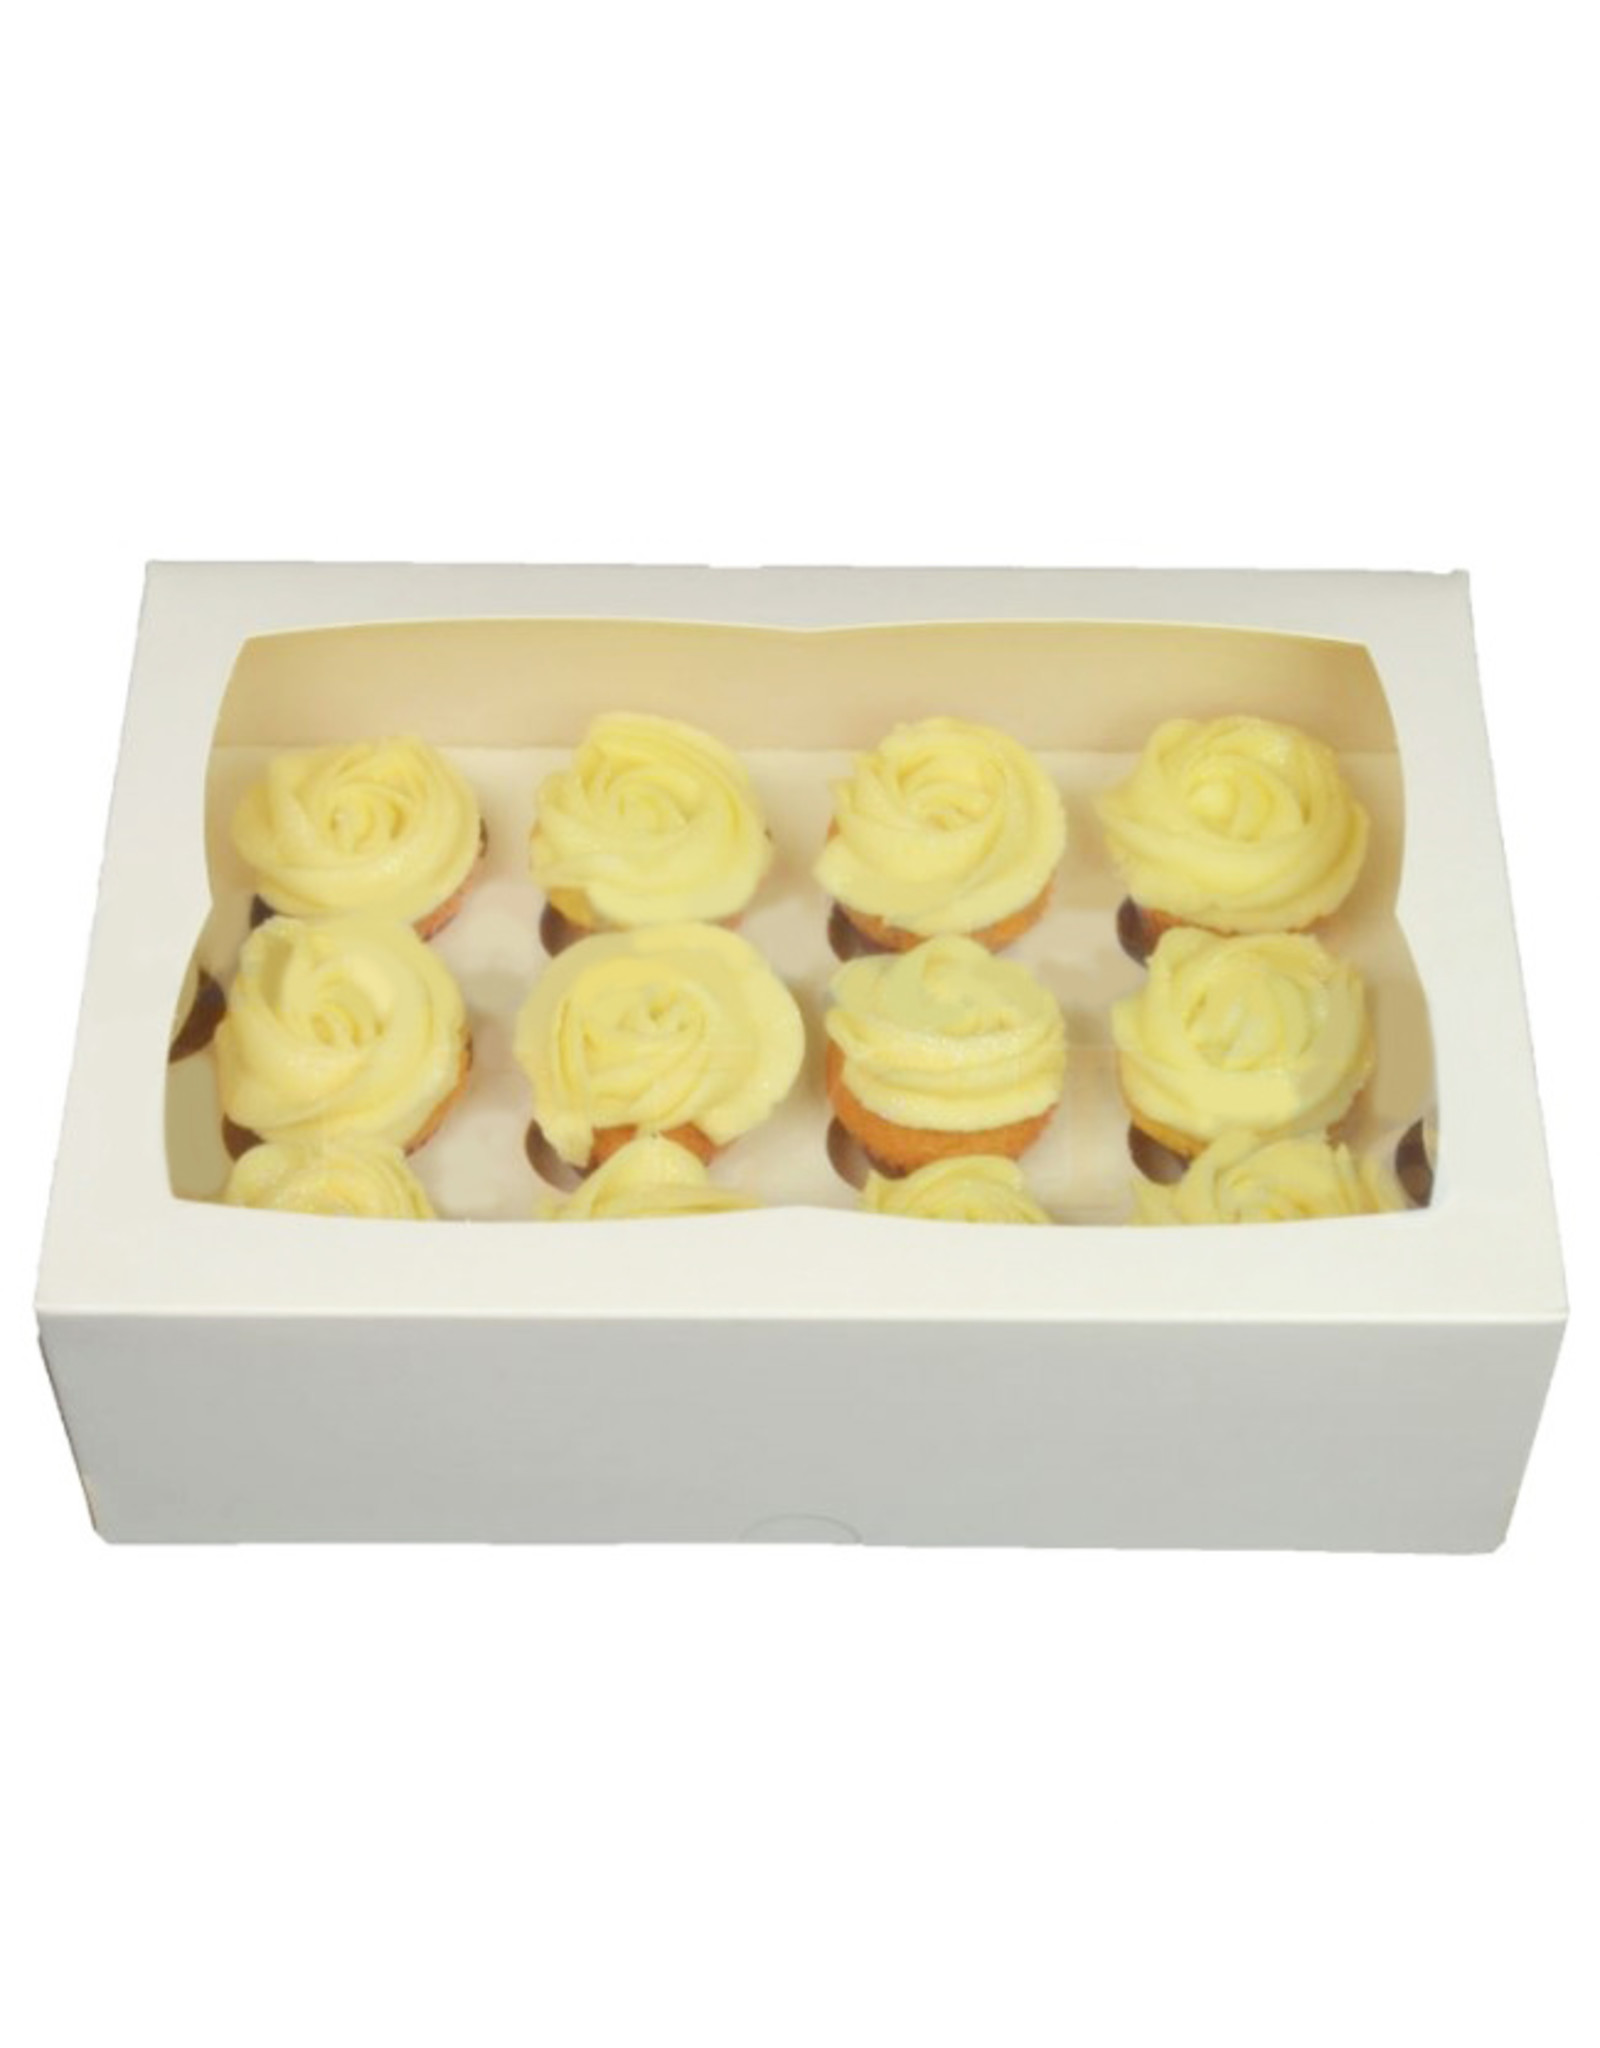 Witte doos voor 12 minicupcakes (per 25 stuks)